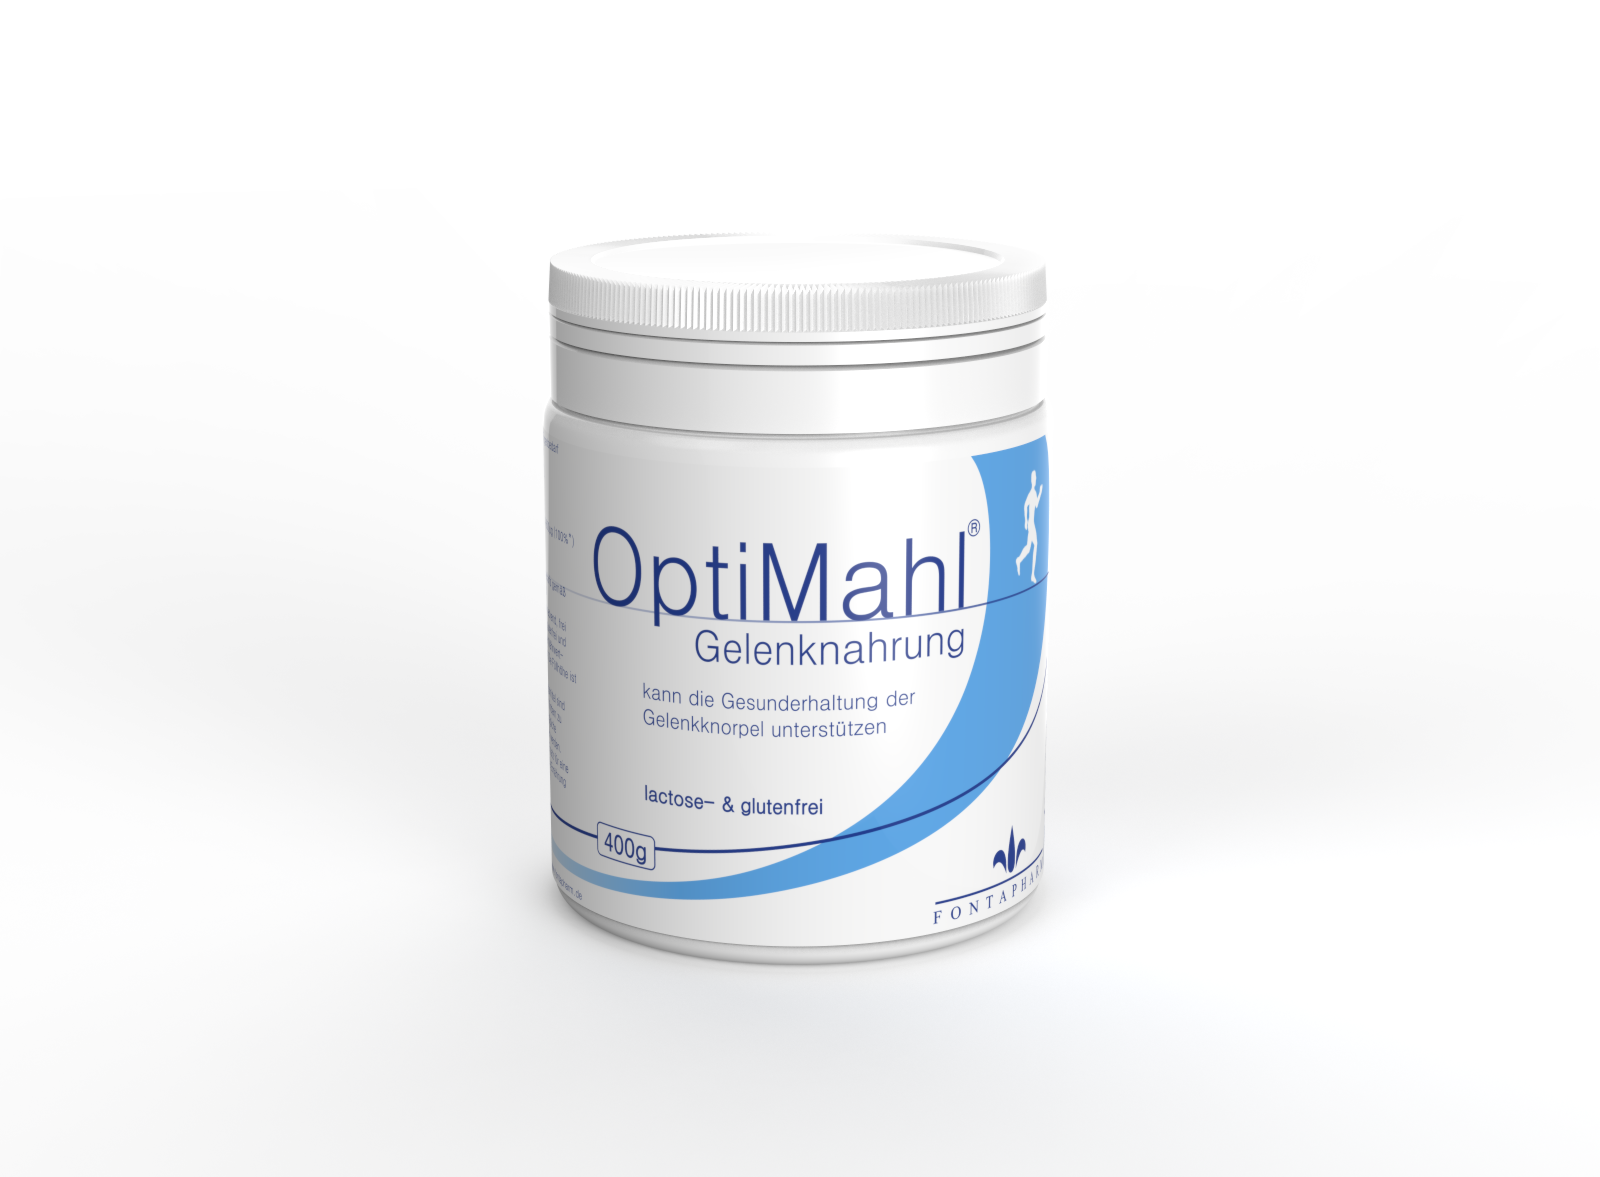 OptiMahl Gelenknahrung mit Nährstoffen für Knorpel, Knochen und Bindegewebe